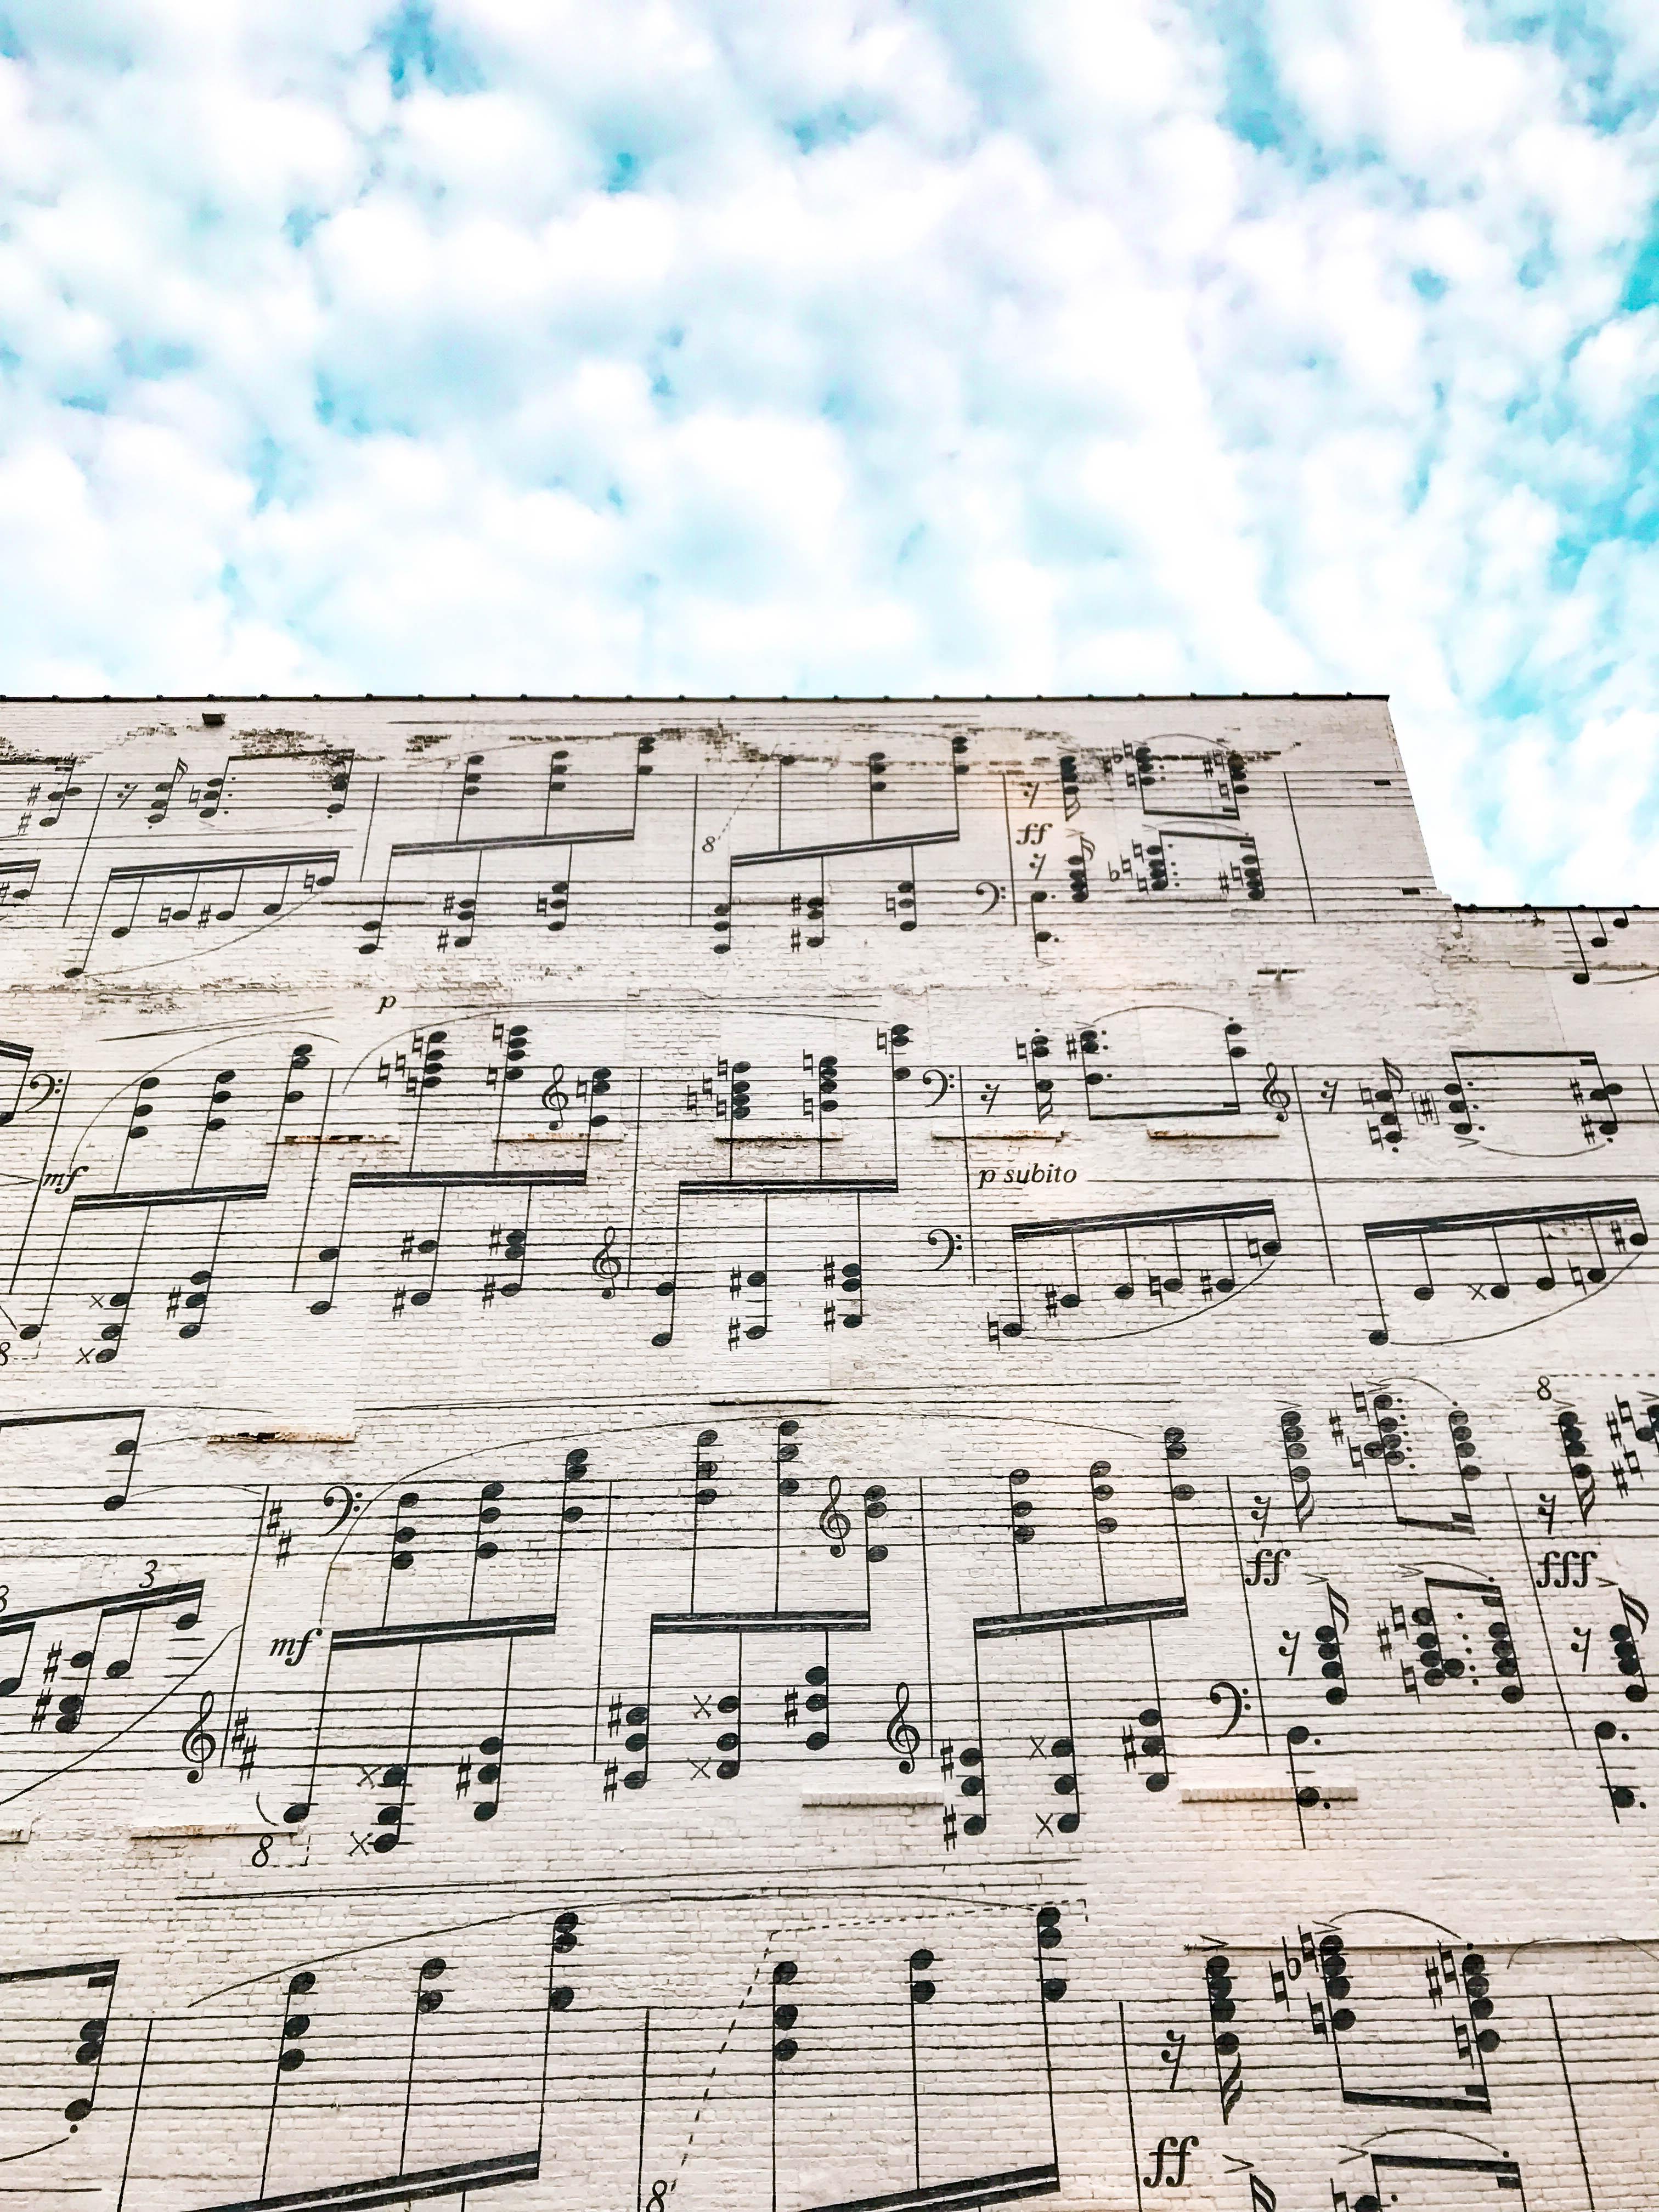 schmitt music wall minneapolis minnesota downtown